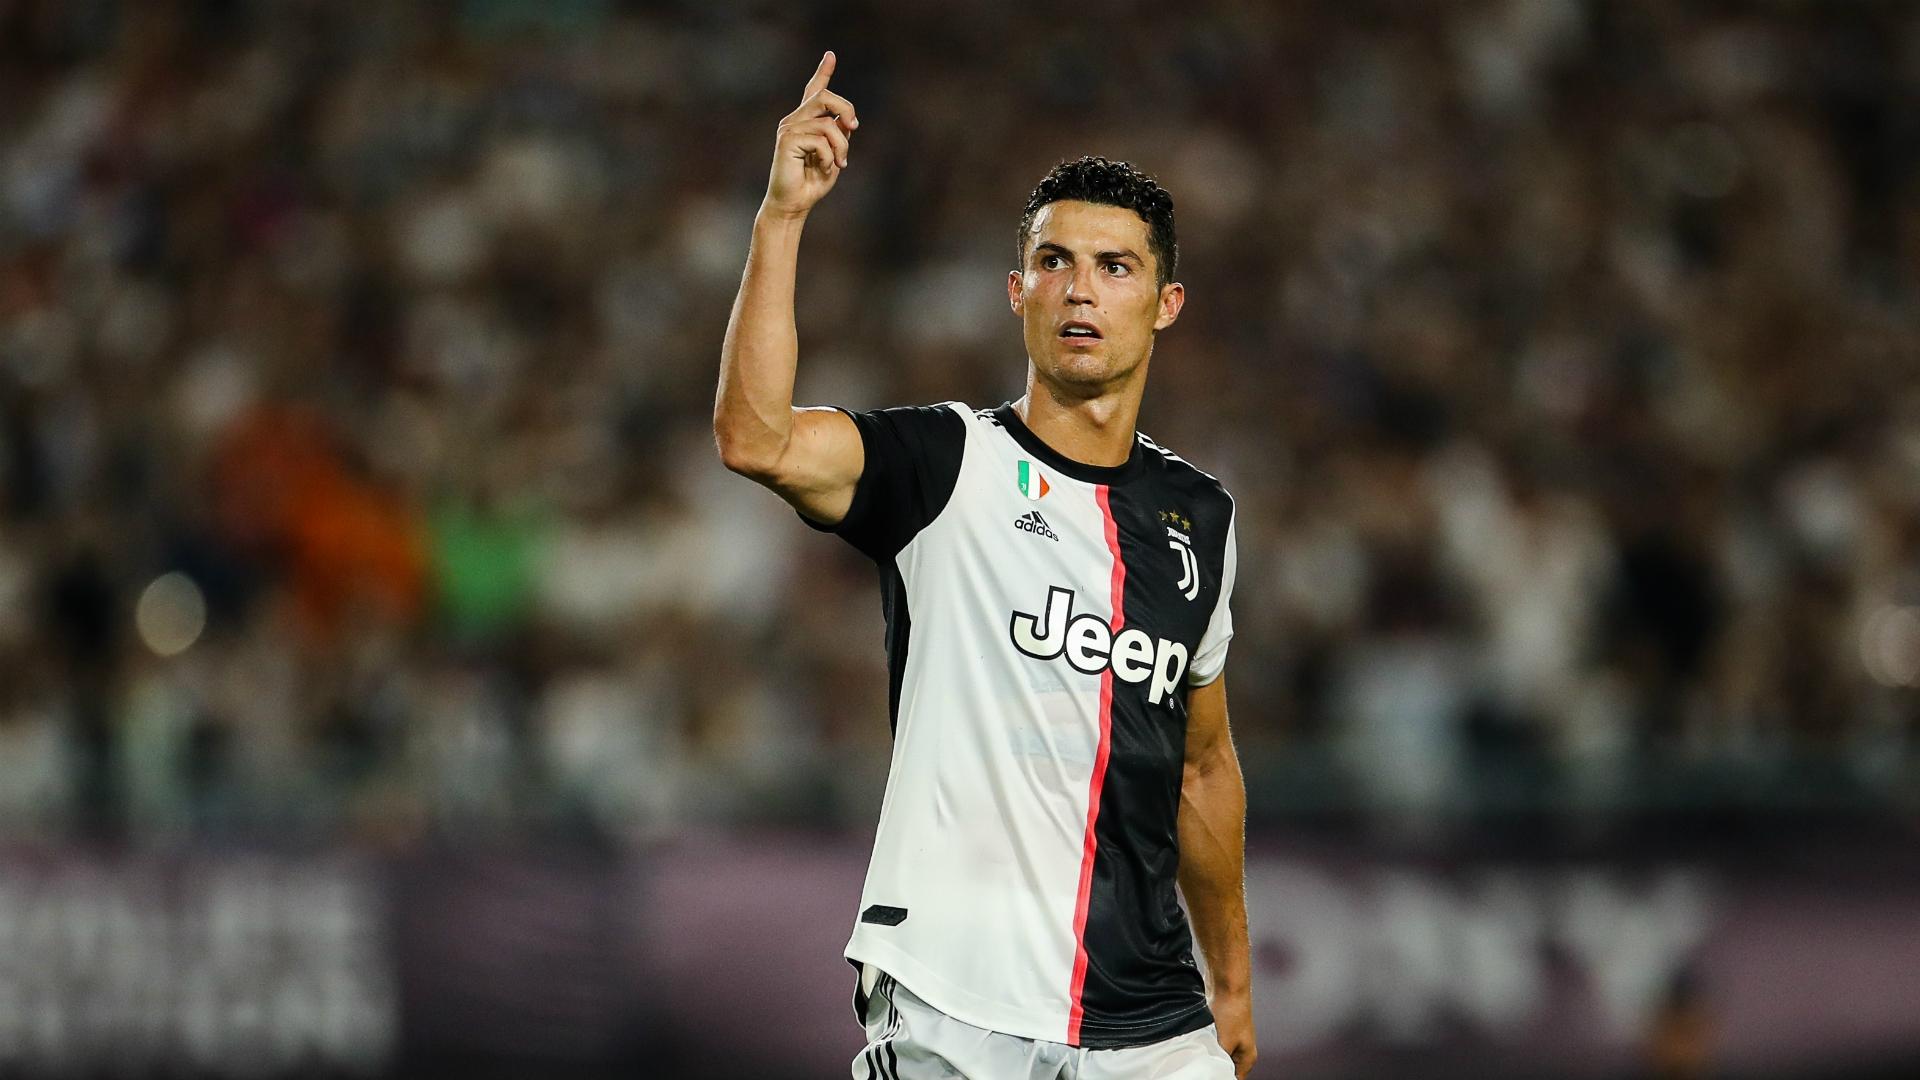 Phí chuyển nhượng của Ronaldo đạt tới102 triệu bảng anh